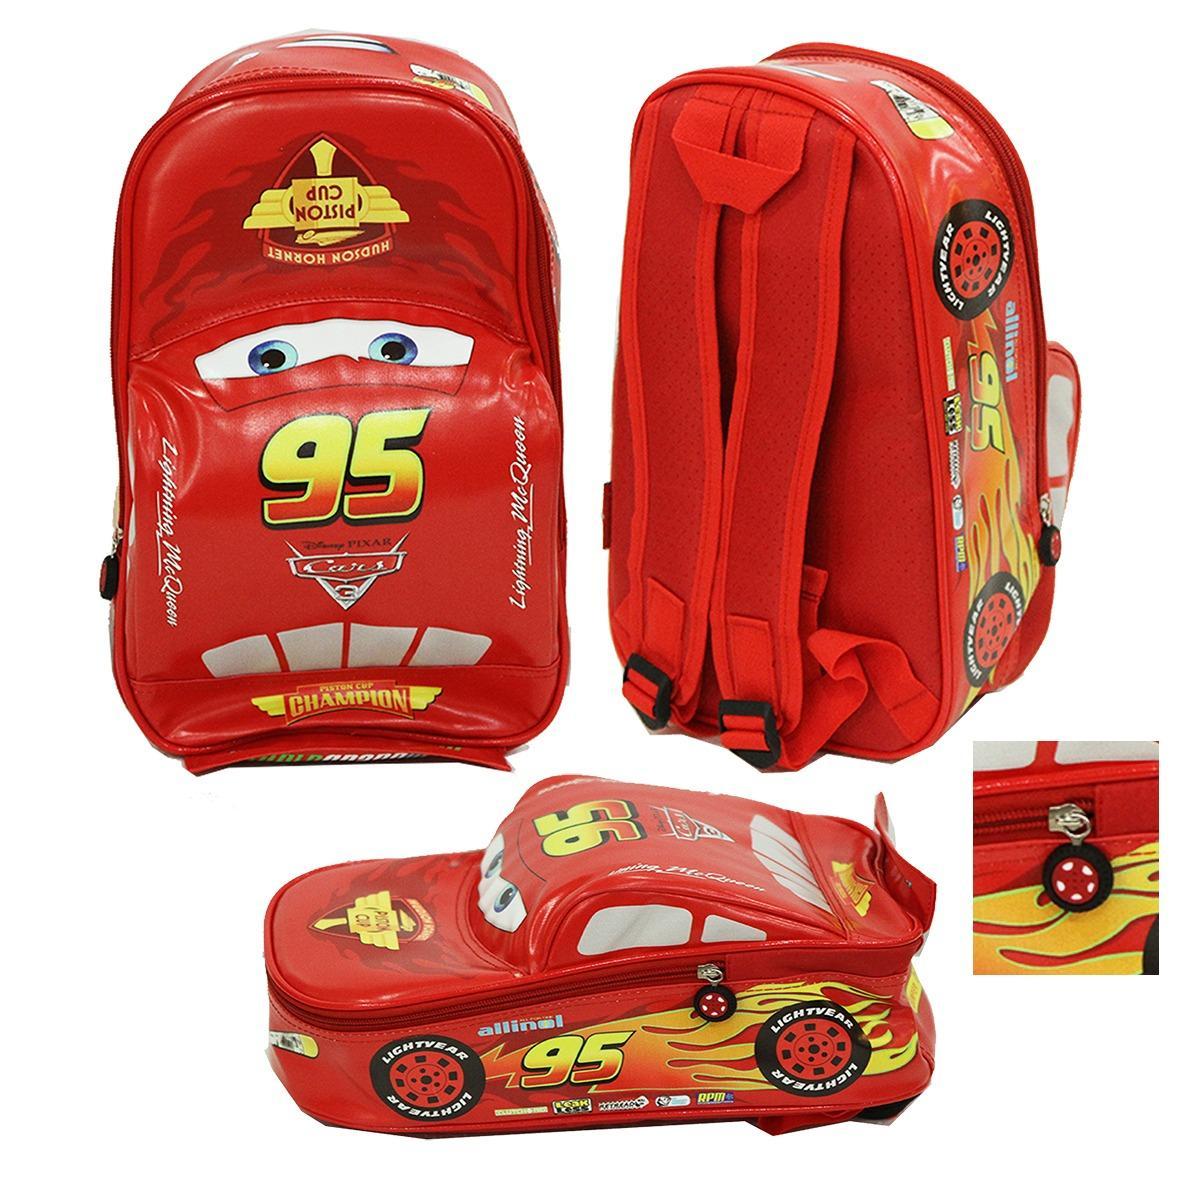 Onlan Cars McQueen Tas Ransel Anak Sekolah Play Group Bahan Sponge Tahan Air Bentuk Mobil Unik - Re